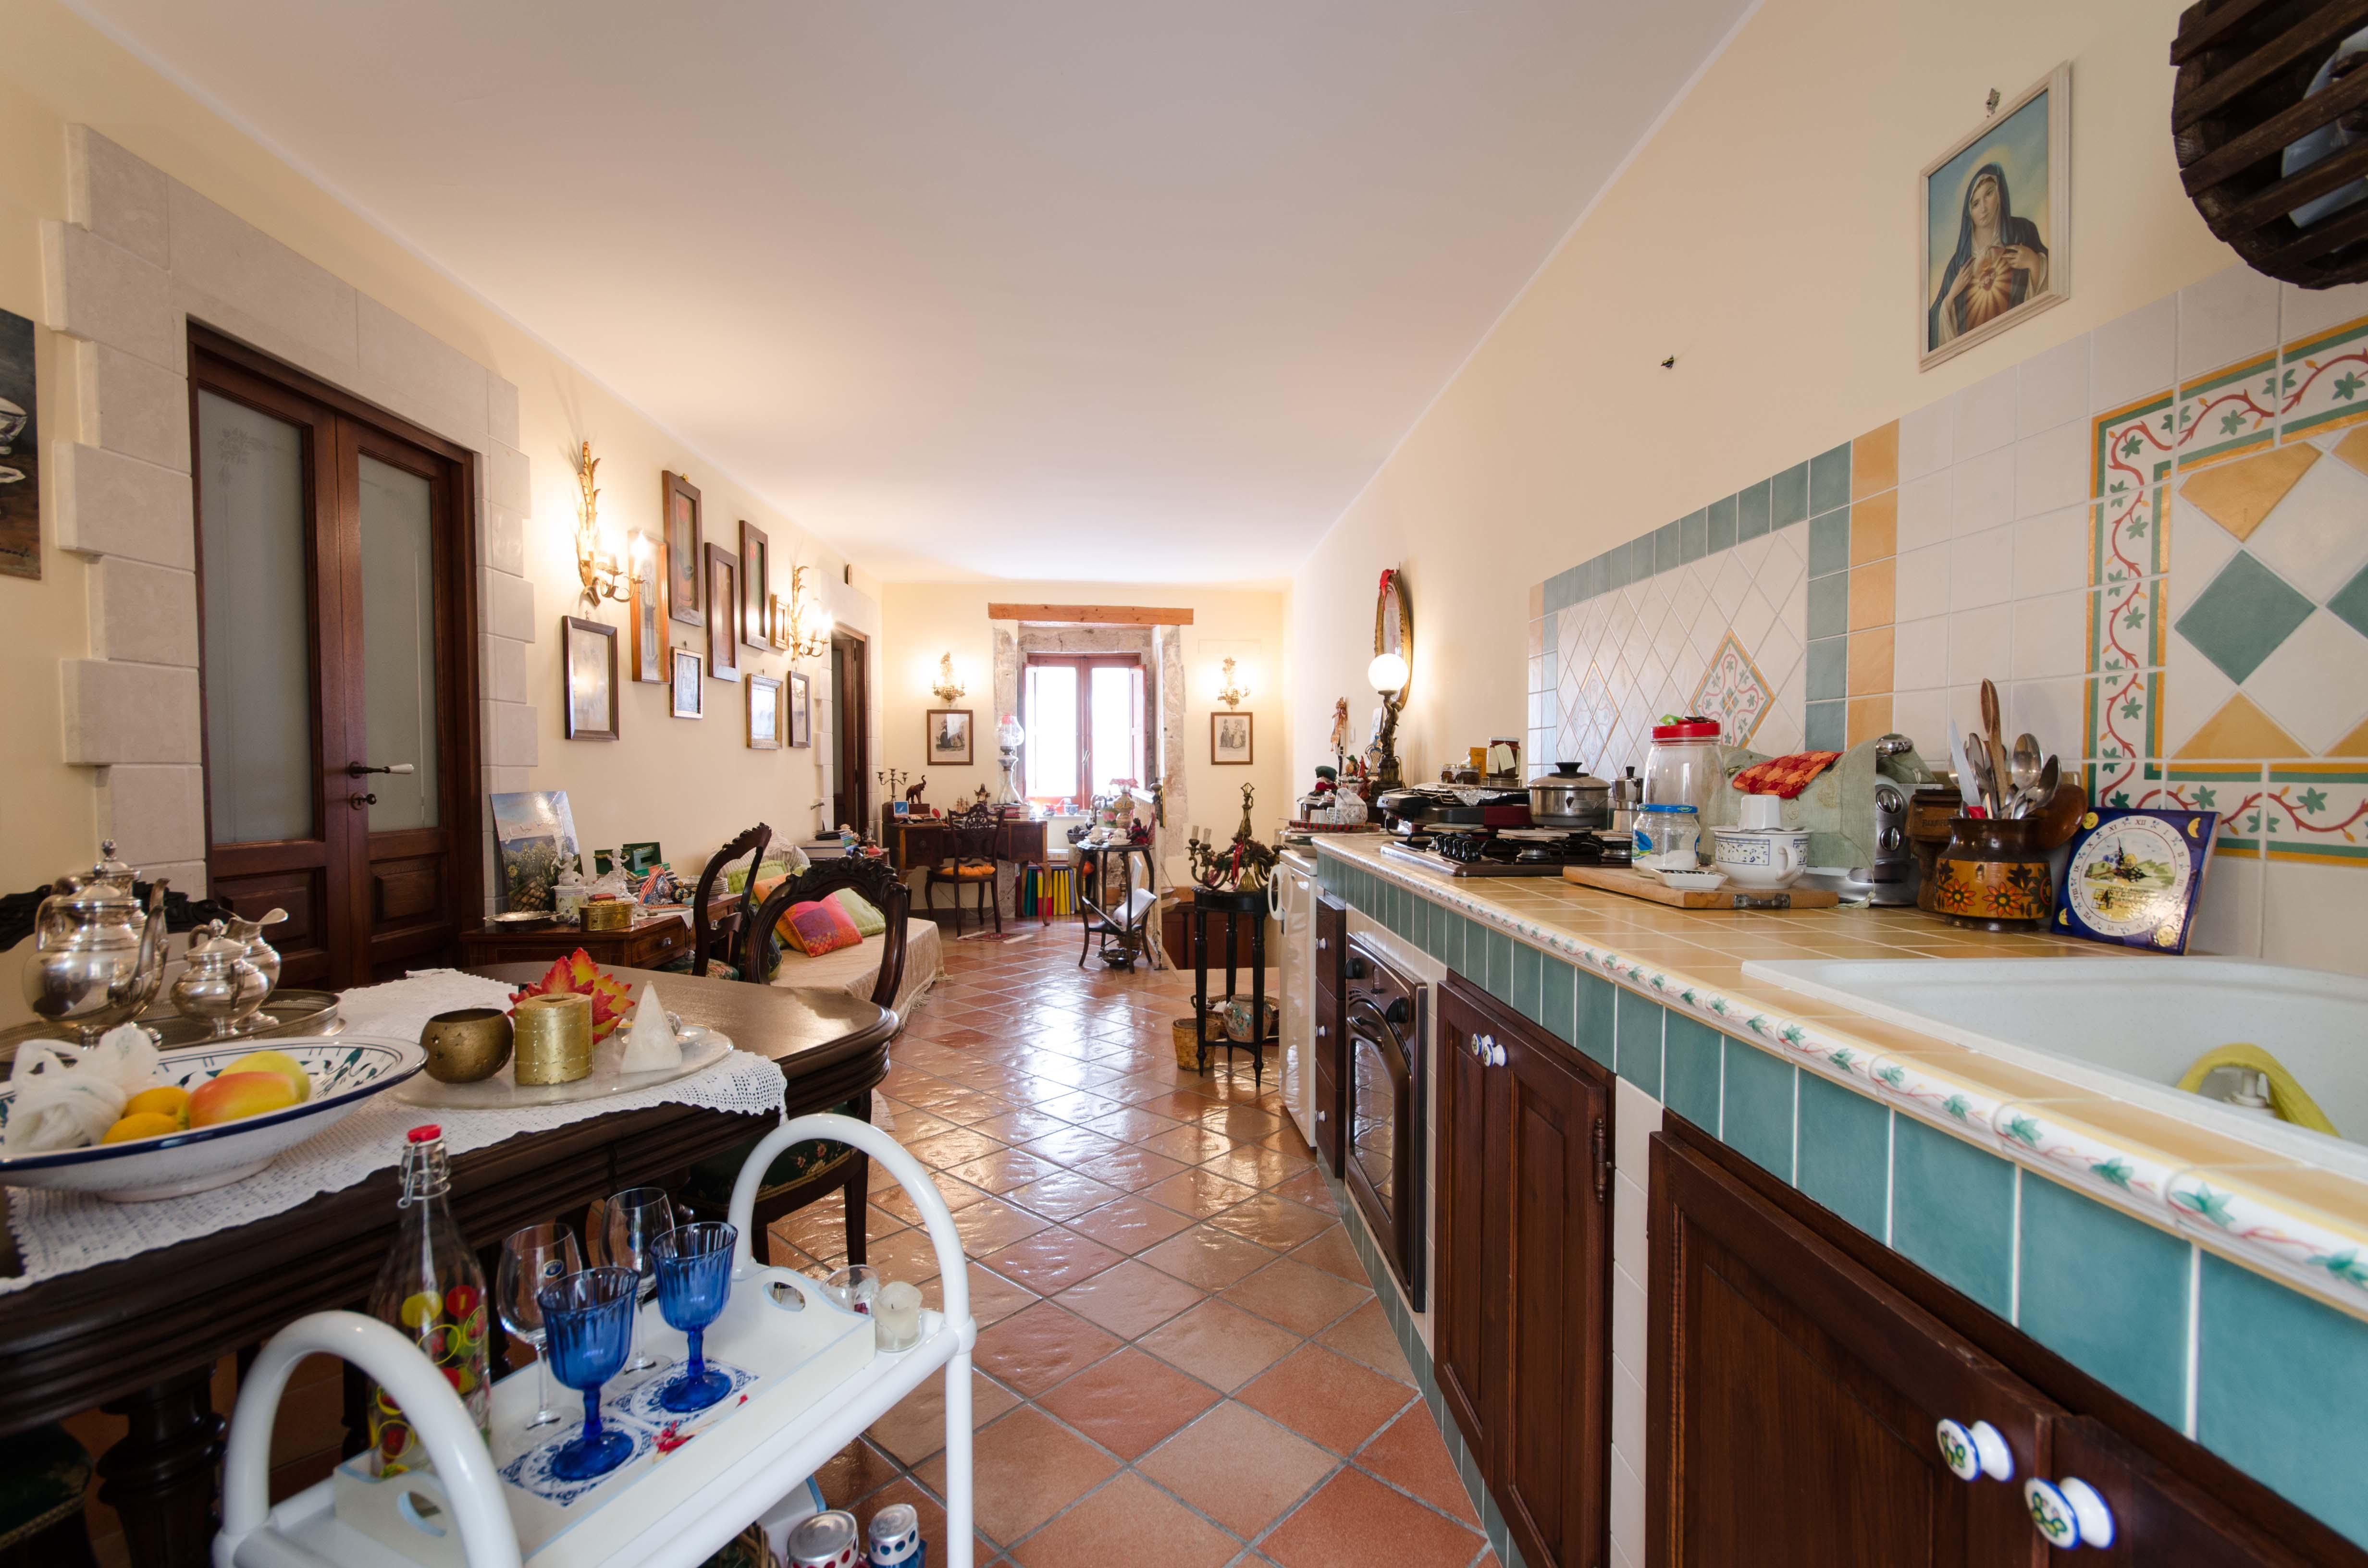 Appartamento indipendente nel centro storico di siracusa for Hotel siracusa centro storico